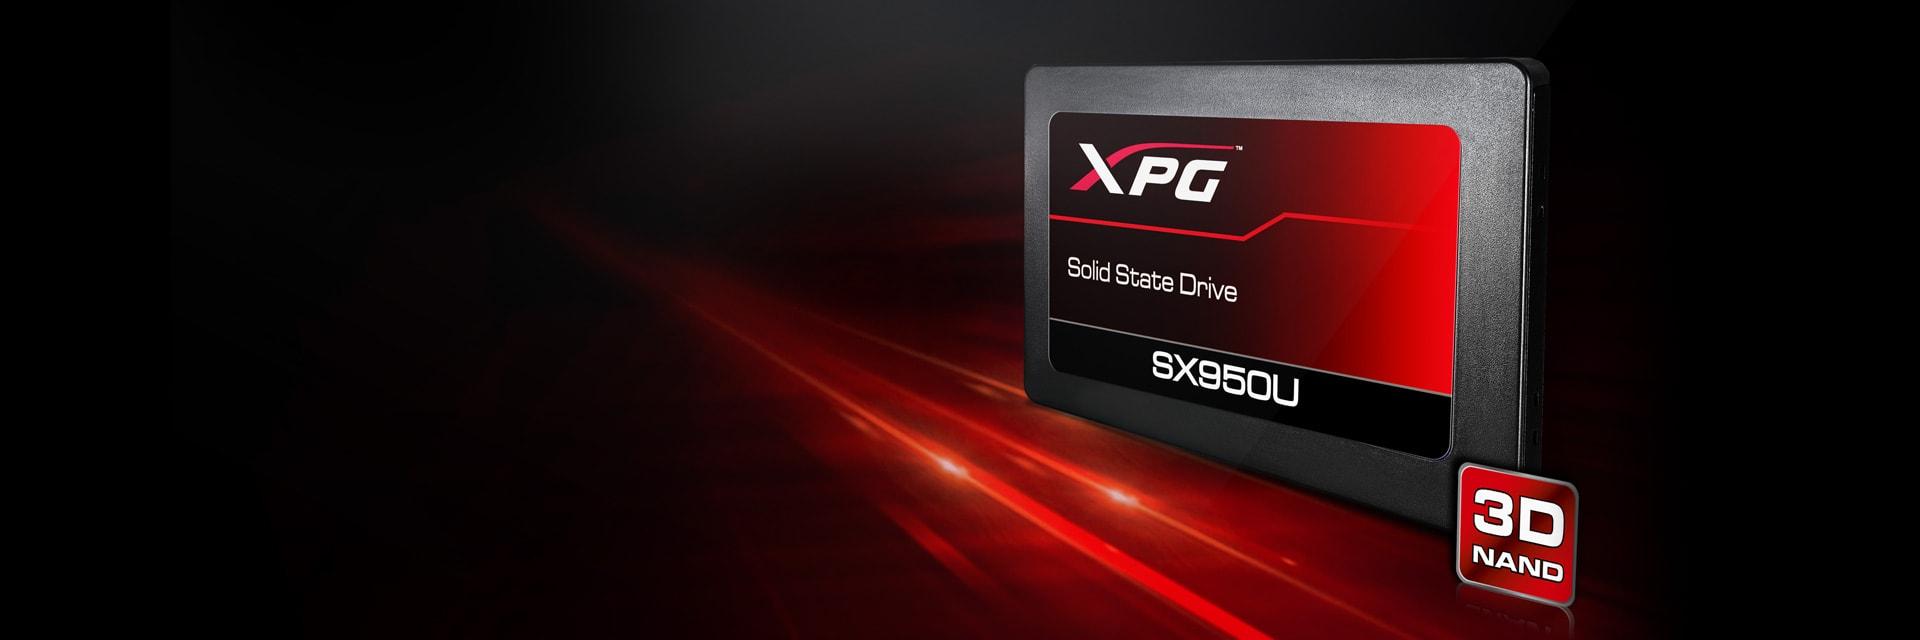 XPG-SX950U-Solid-State-Drive